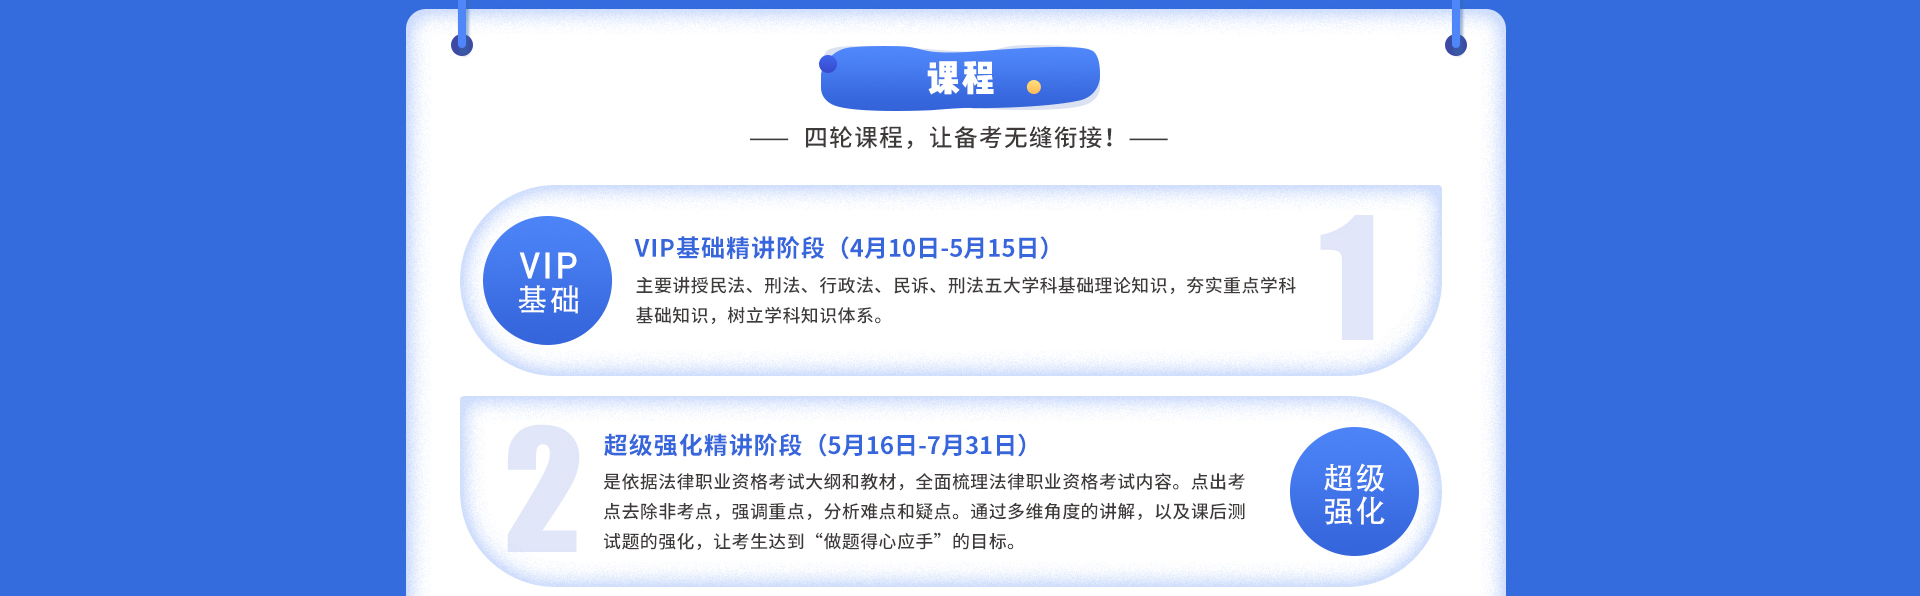 专题页面:VIP协议班1920x_05.jpg